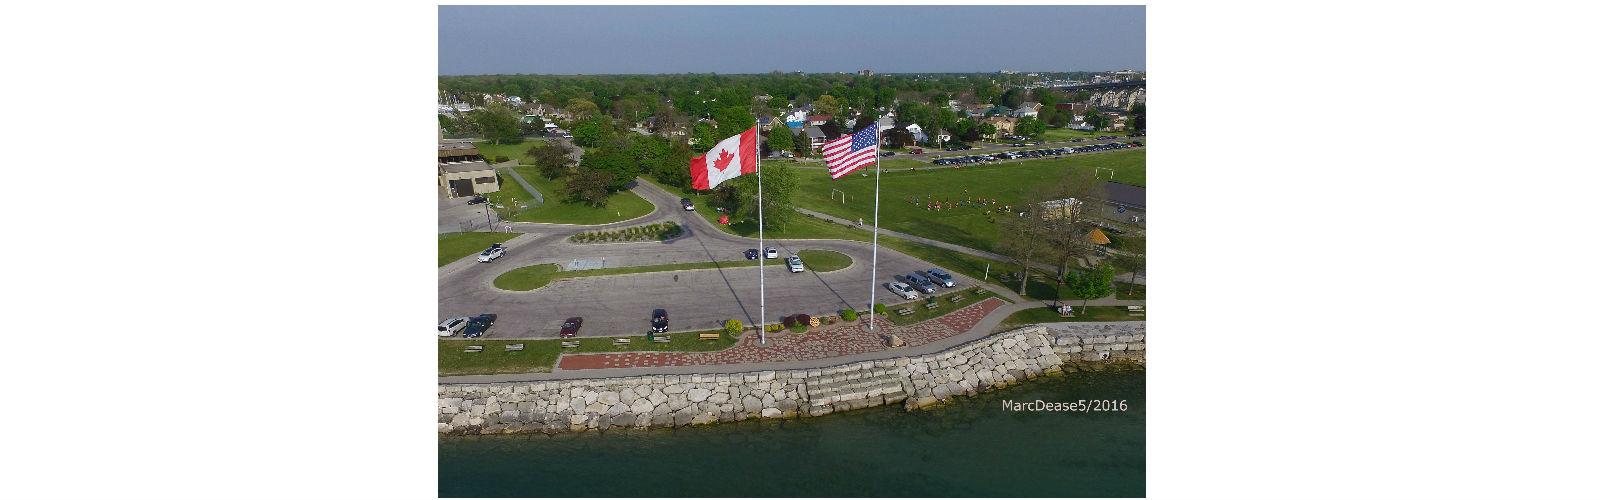 Rotary Flag Plaza